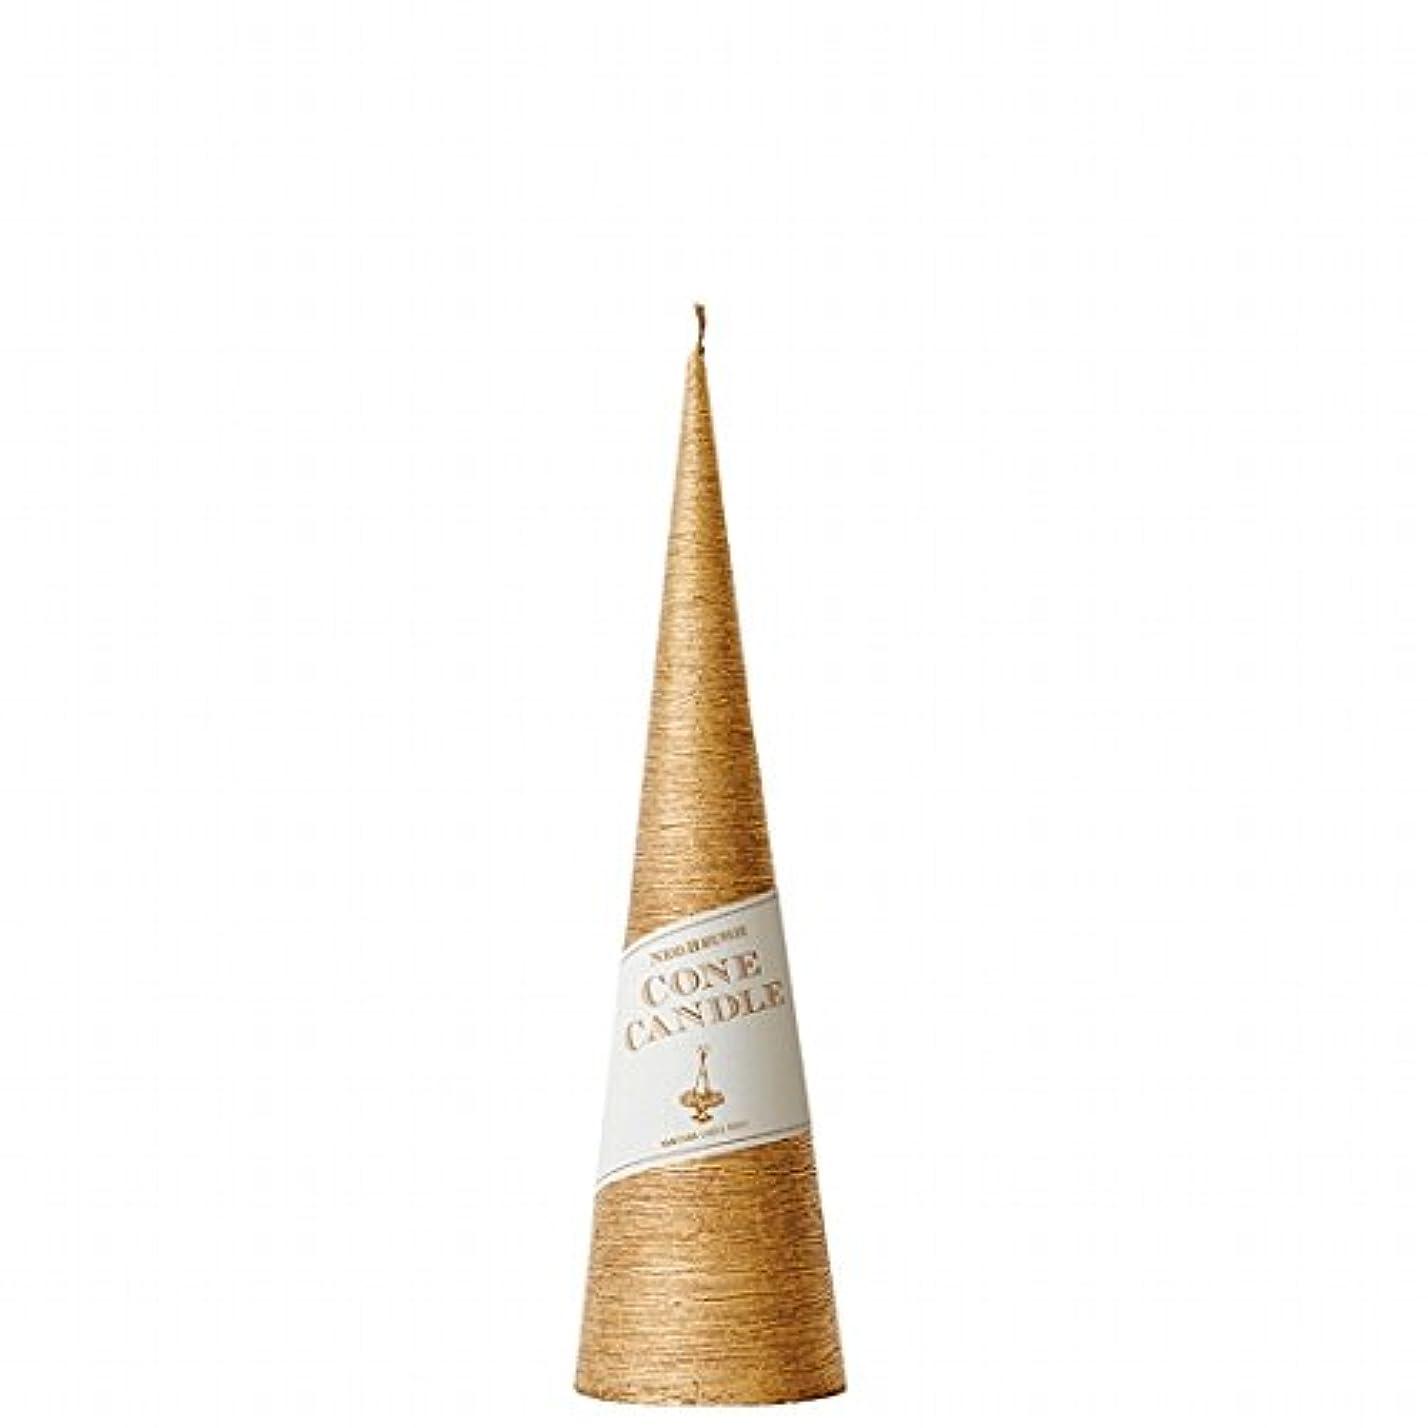 ブラケットできればダイヤモンドkameyama candle(カメヤマキャンドル) ネオブラッシュコーン 230 キャンドル 「 ゴールド 」 6個セット(A9750120GO)